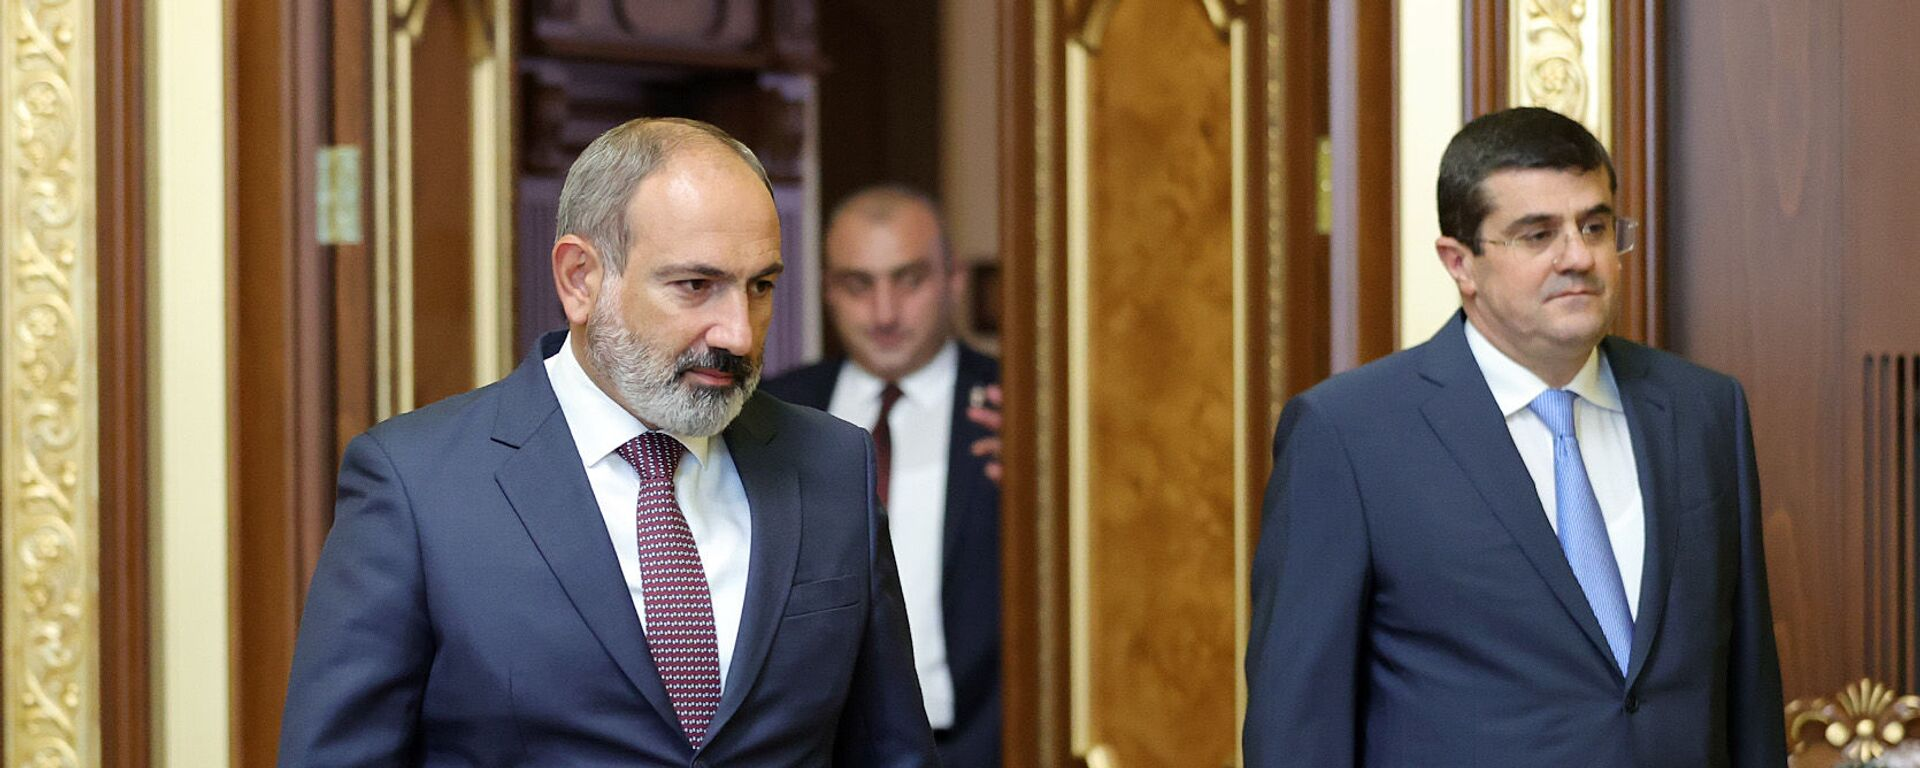 И.о, премьер-министра Никол Пашинян на встрече с президентом Карабаха Араиком Арутюняном (9 июля 2021). Еревaн - Sputnik Армения, 1920, 27.09.2021